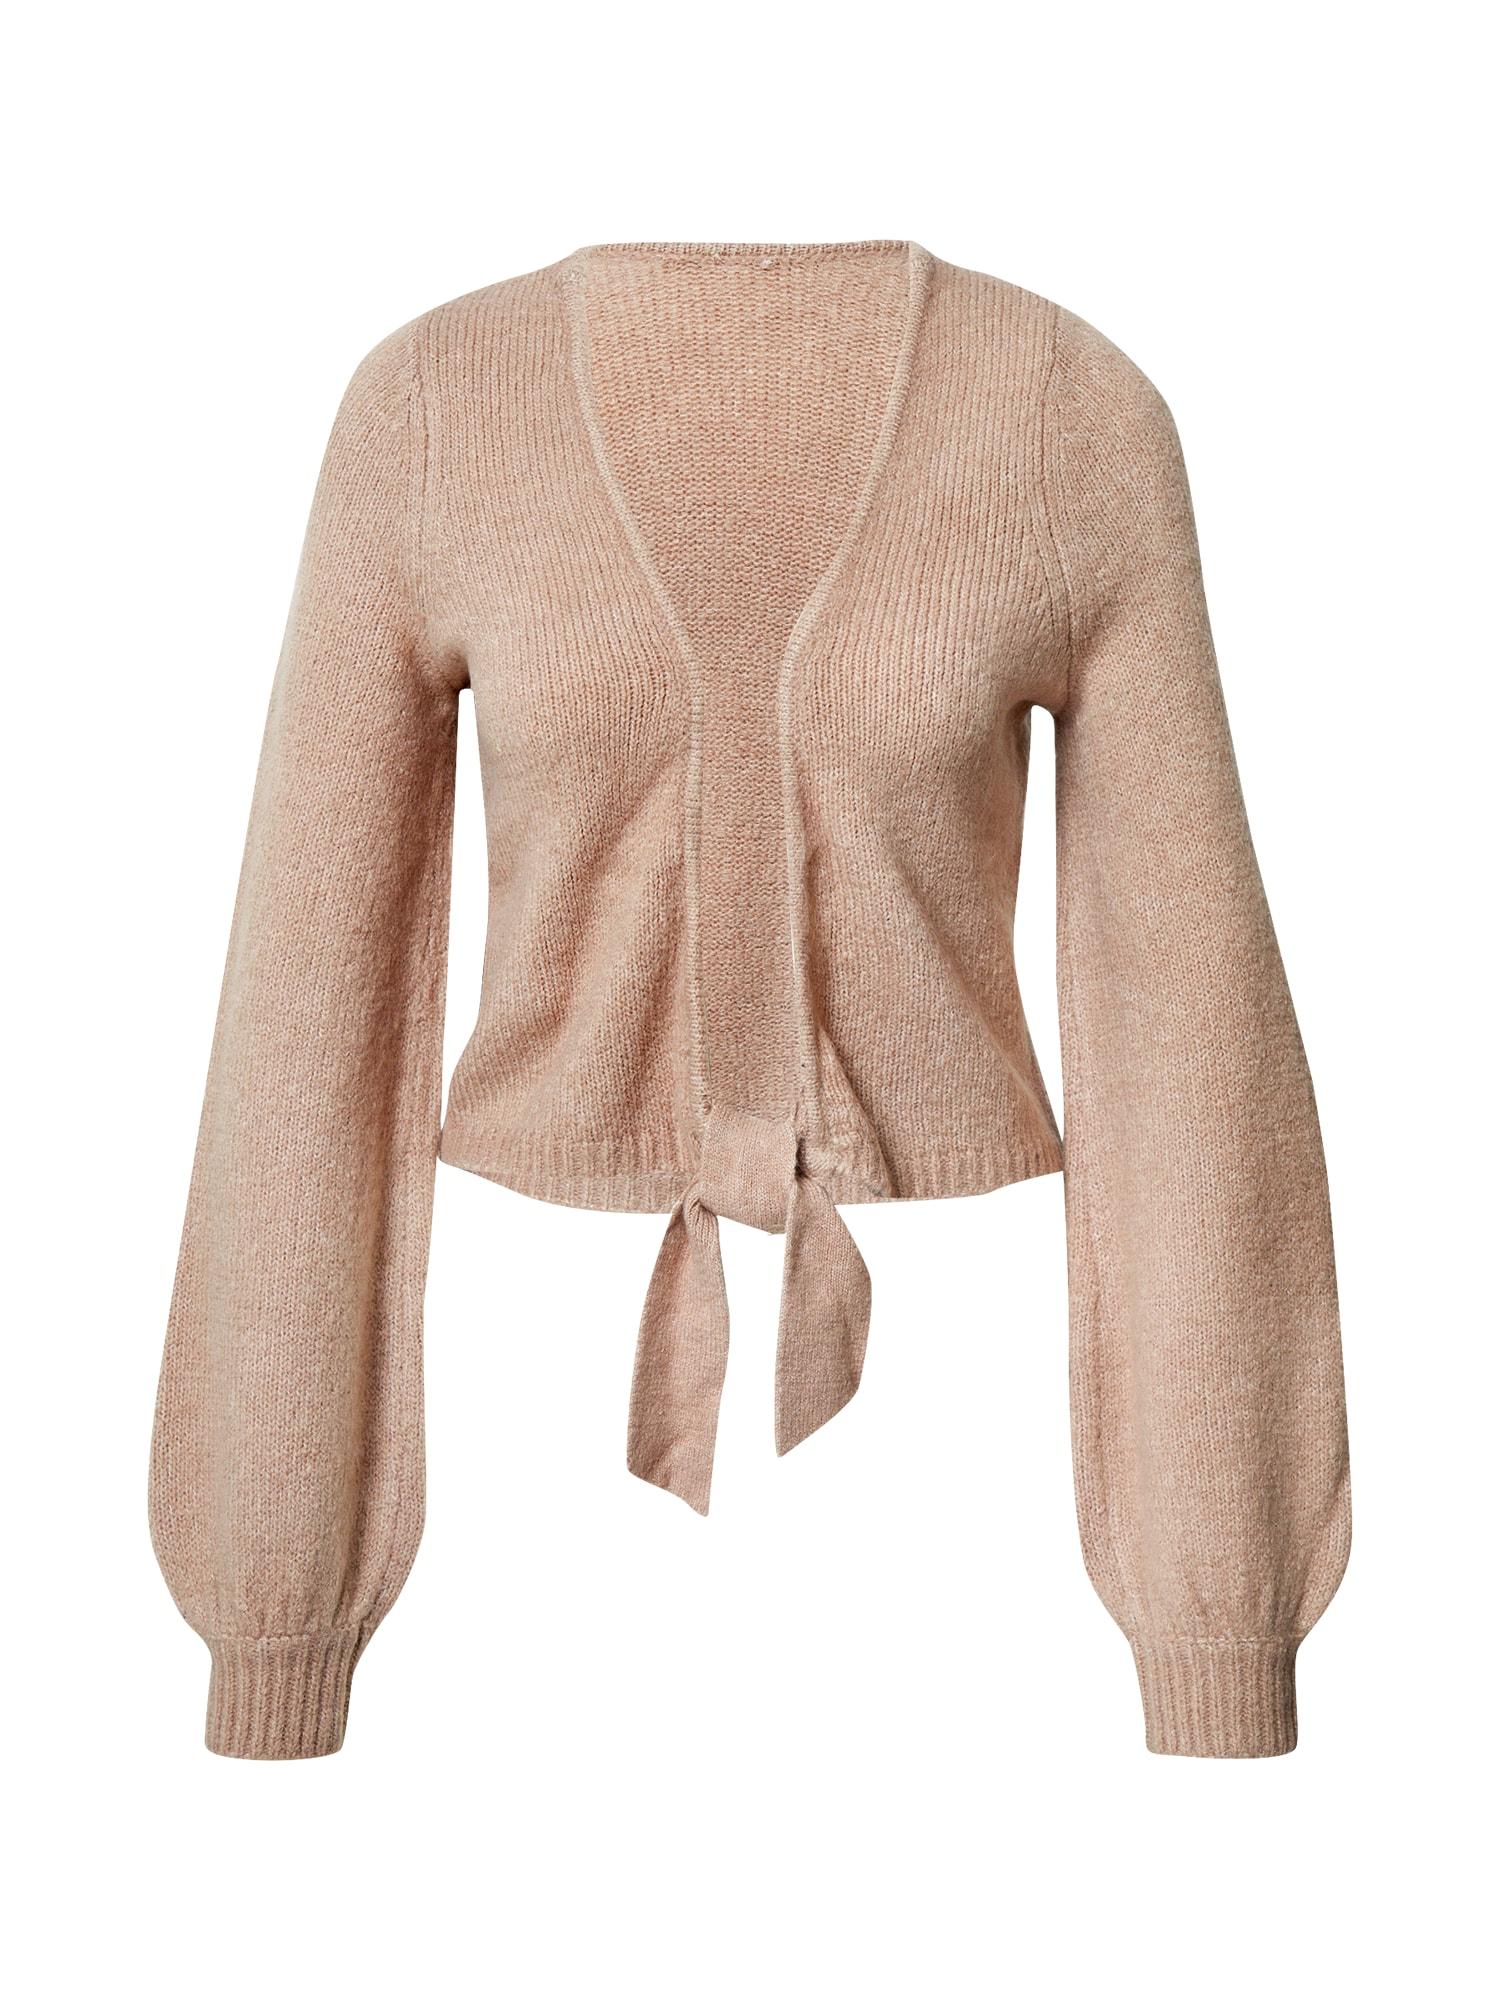 Abercrombie & Fitch Kardiganas ryškiai rožinė spalva